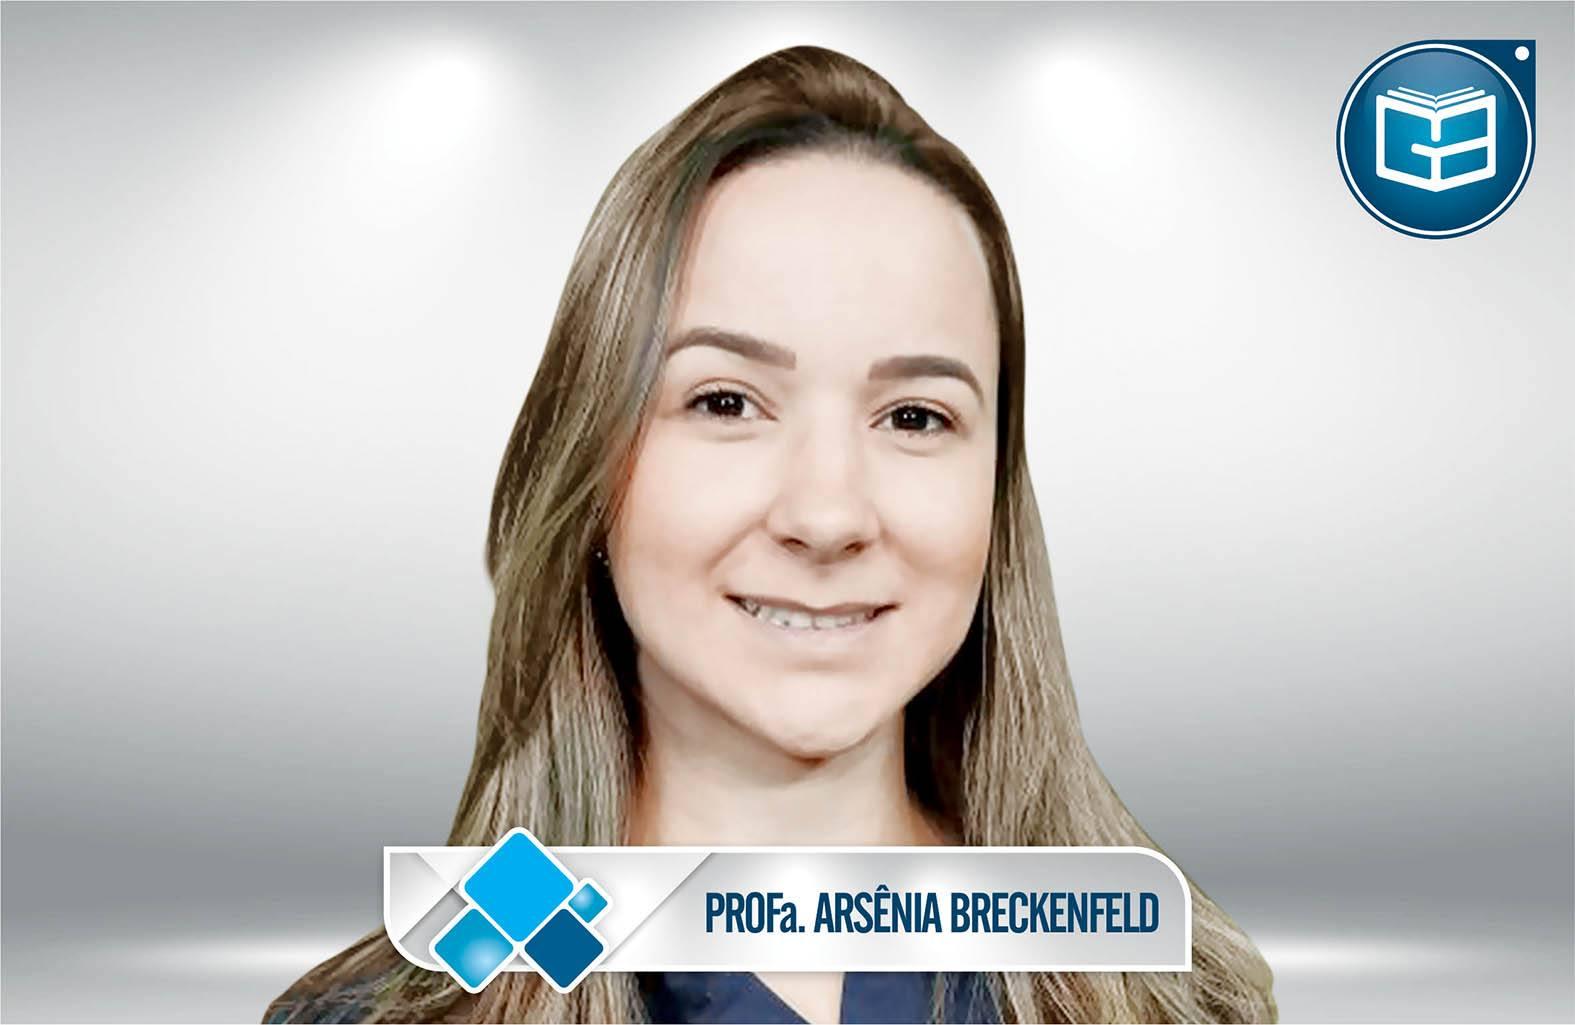 Direito Constitucional - Polícia Civil - Professora Arsênia Breckenfeld